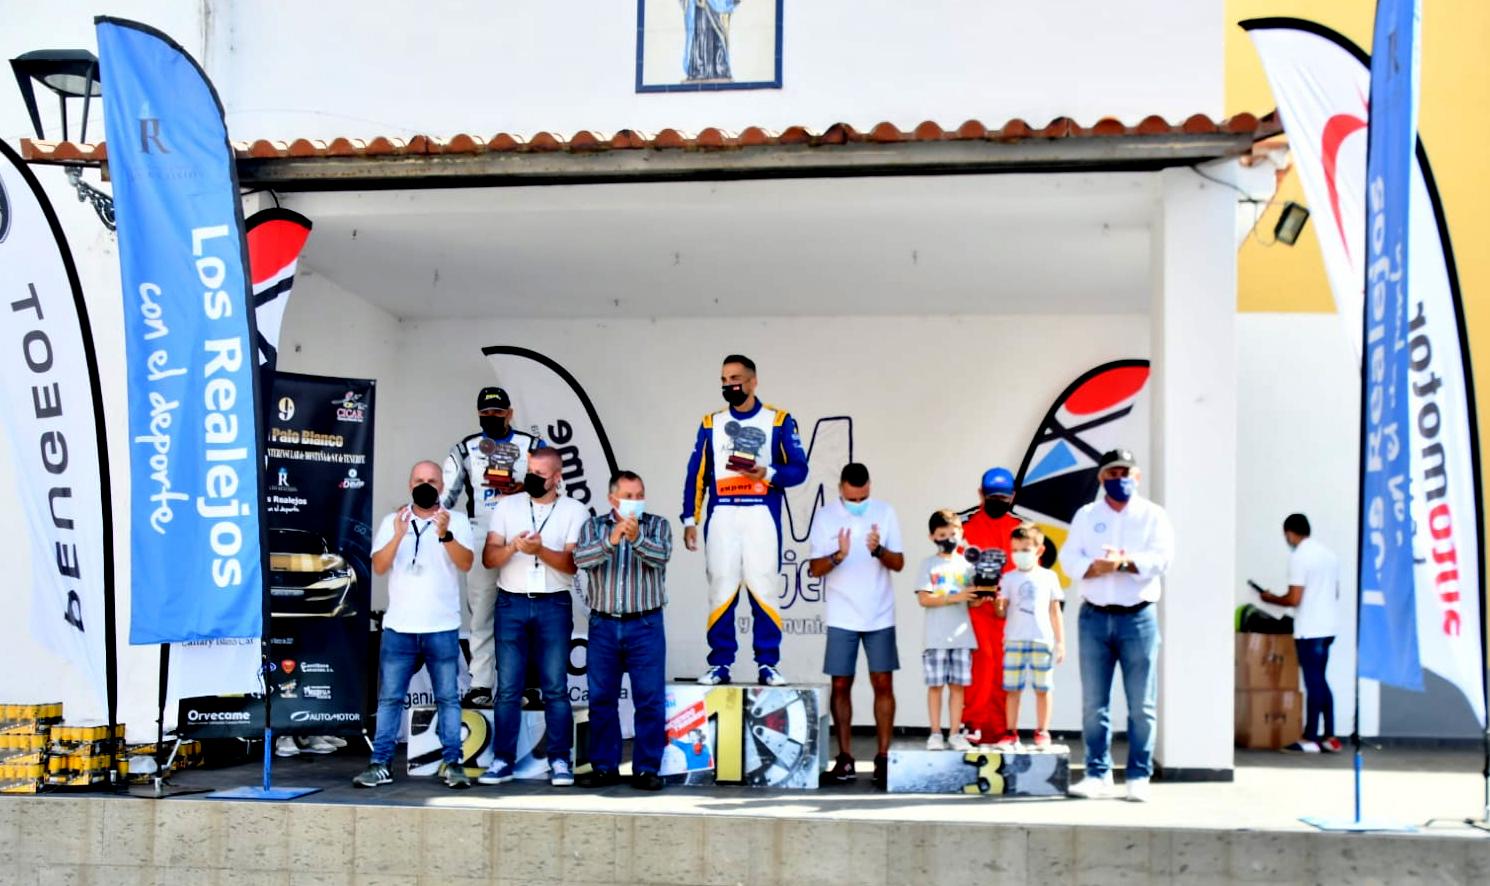 Jonathan García, en turismos y Arunzu Quintero, en barquetas los más rápidos en Palo Blanco